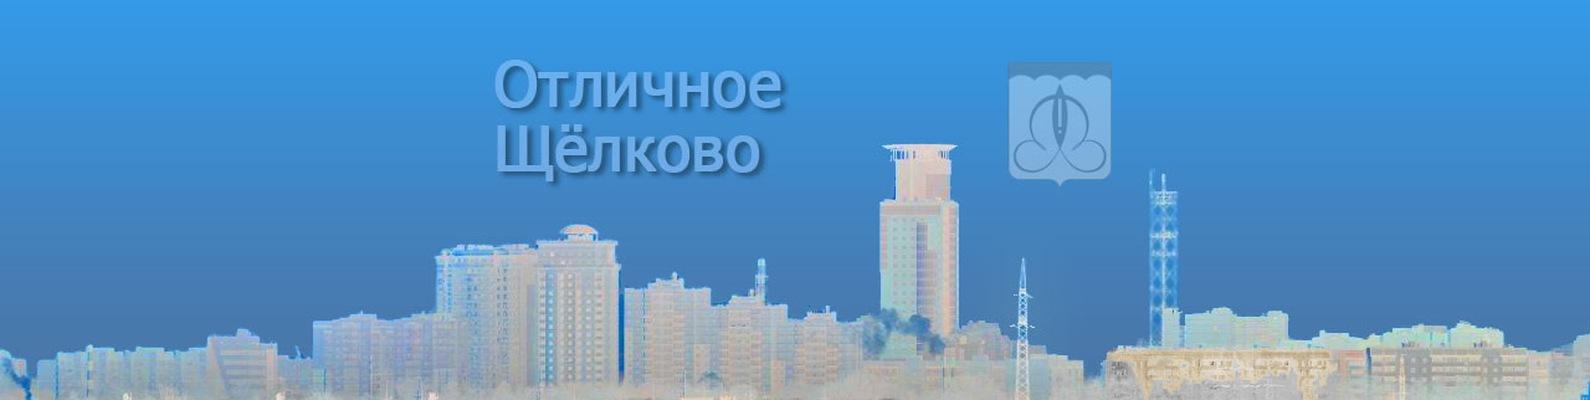 Медицинские книжки Щелково западный округ